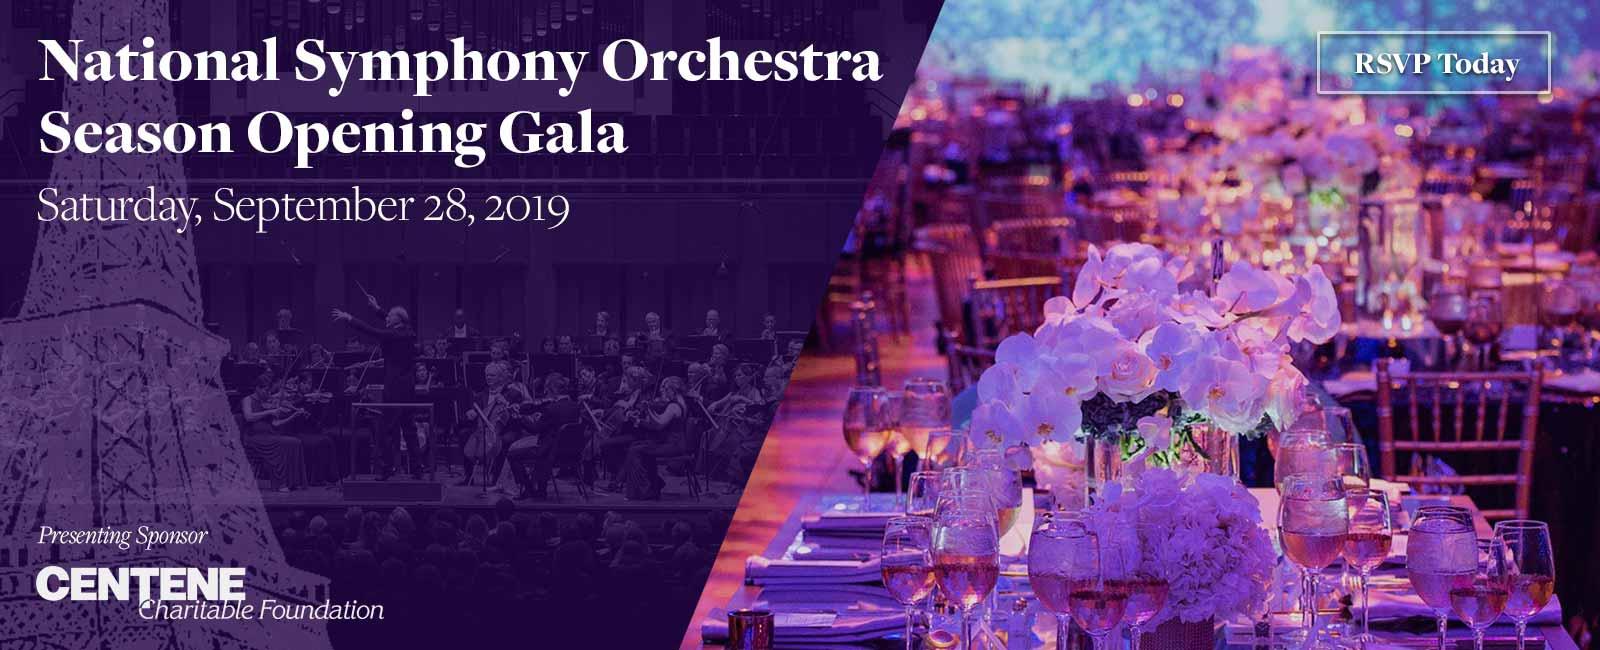 NSO 2019 Season Opening Gala